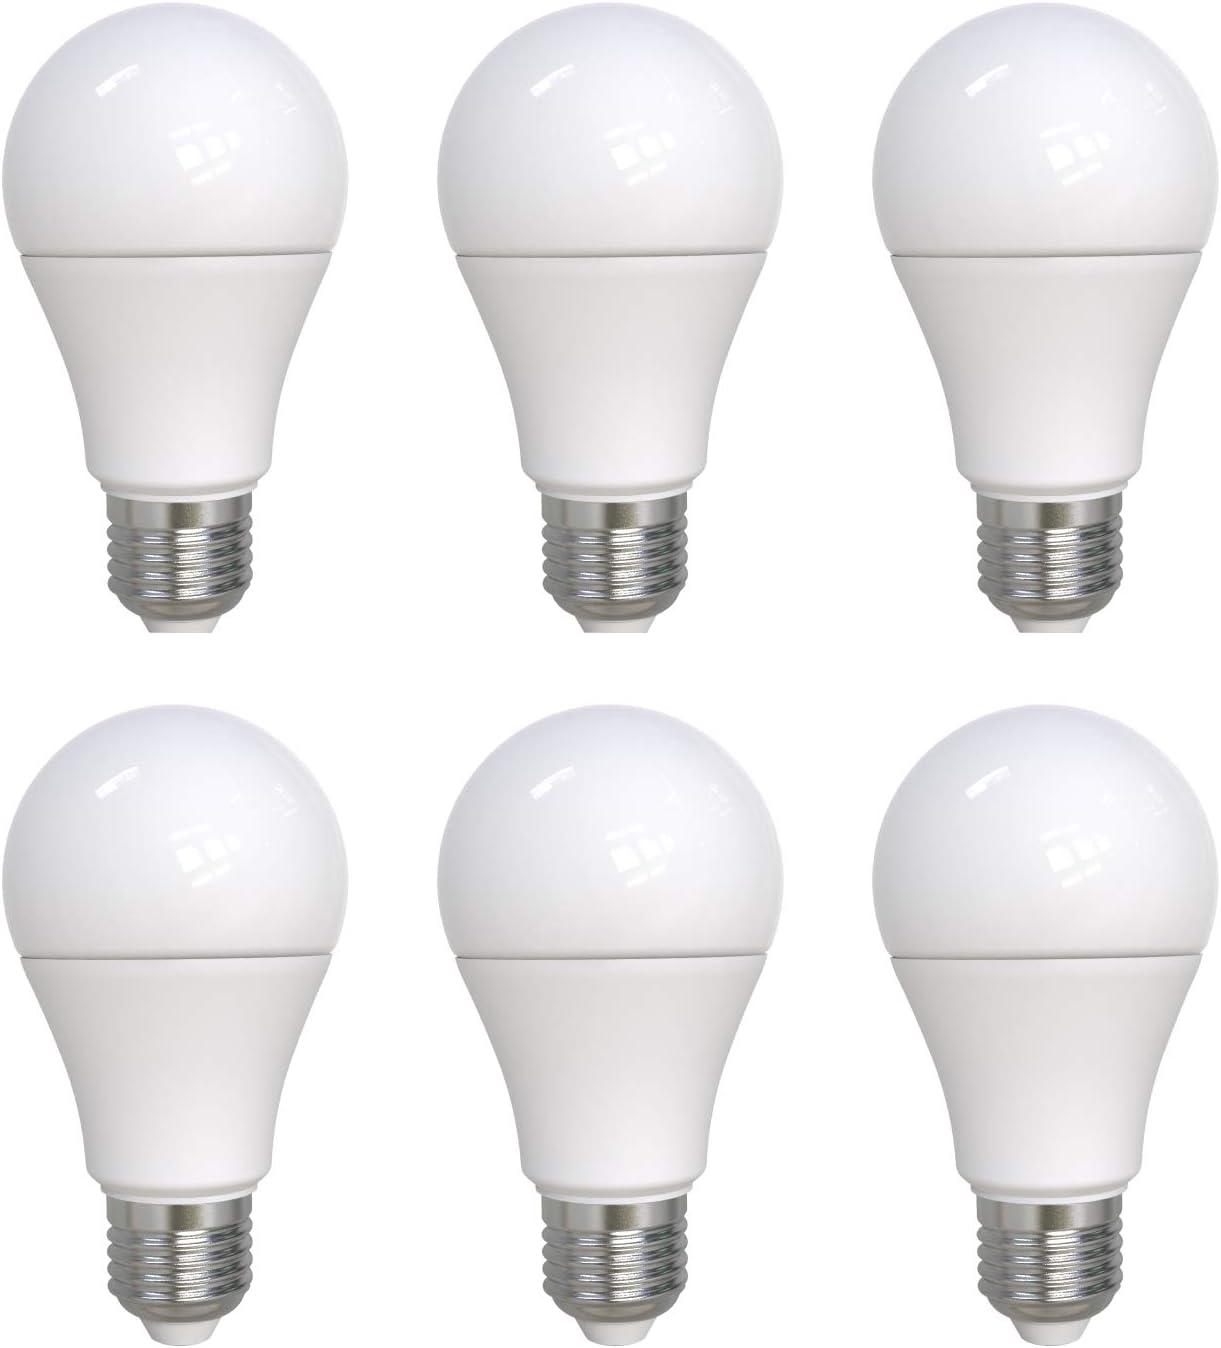 Umi by Amazon - Bombilla LED A60 con casquillo Edison E27, 10 W ...